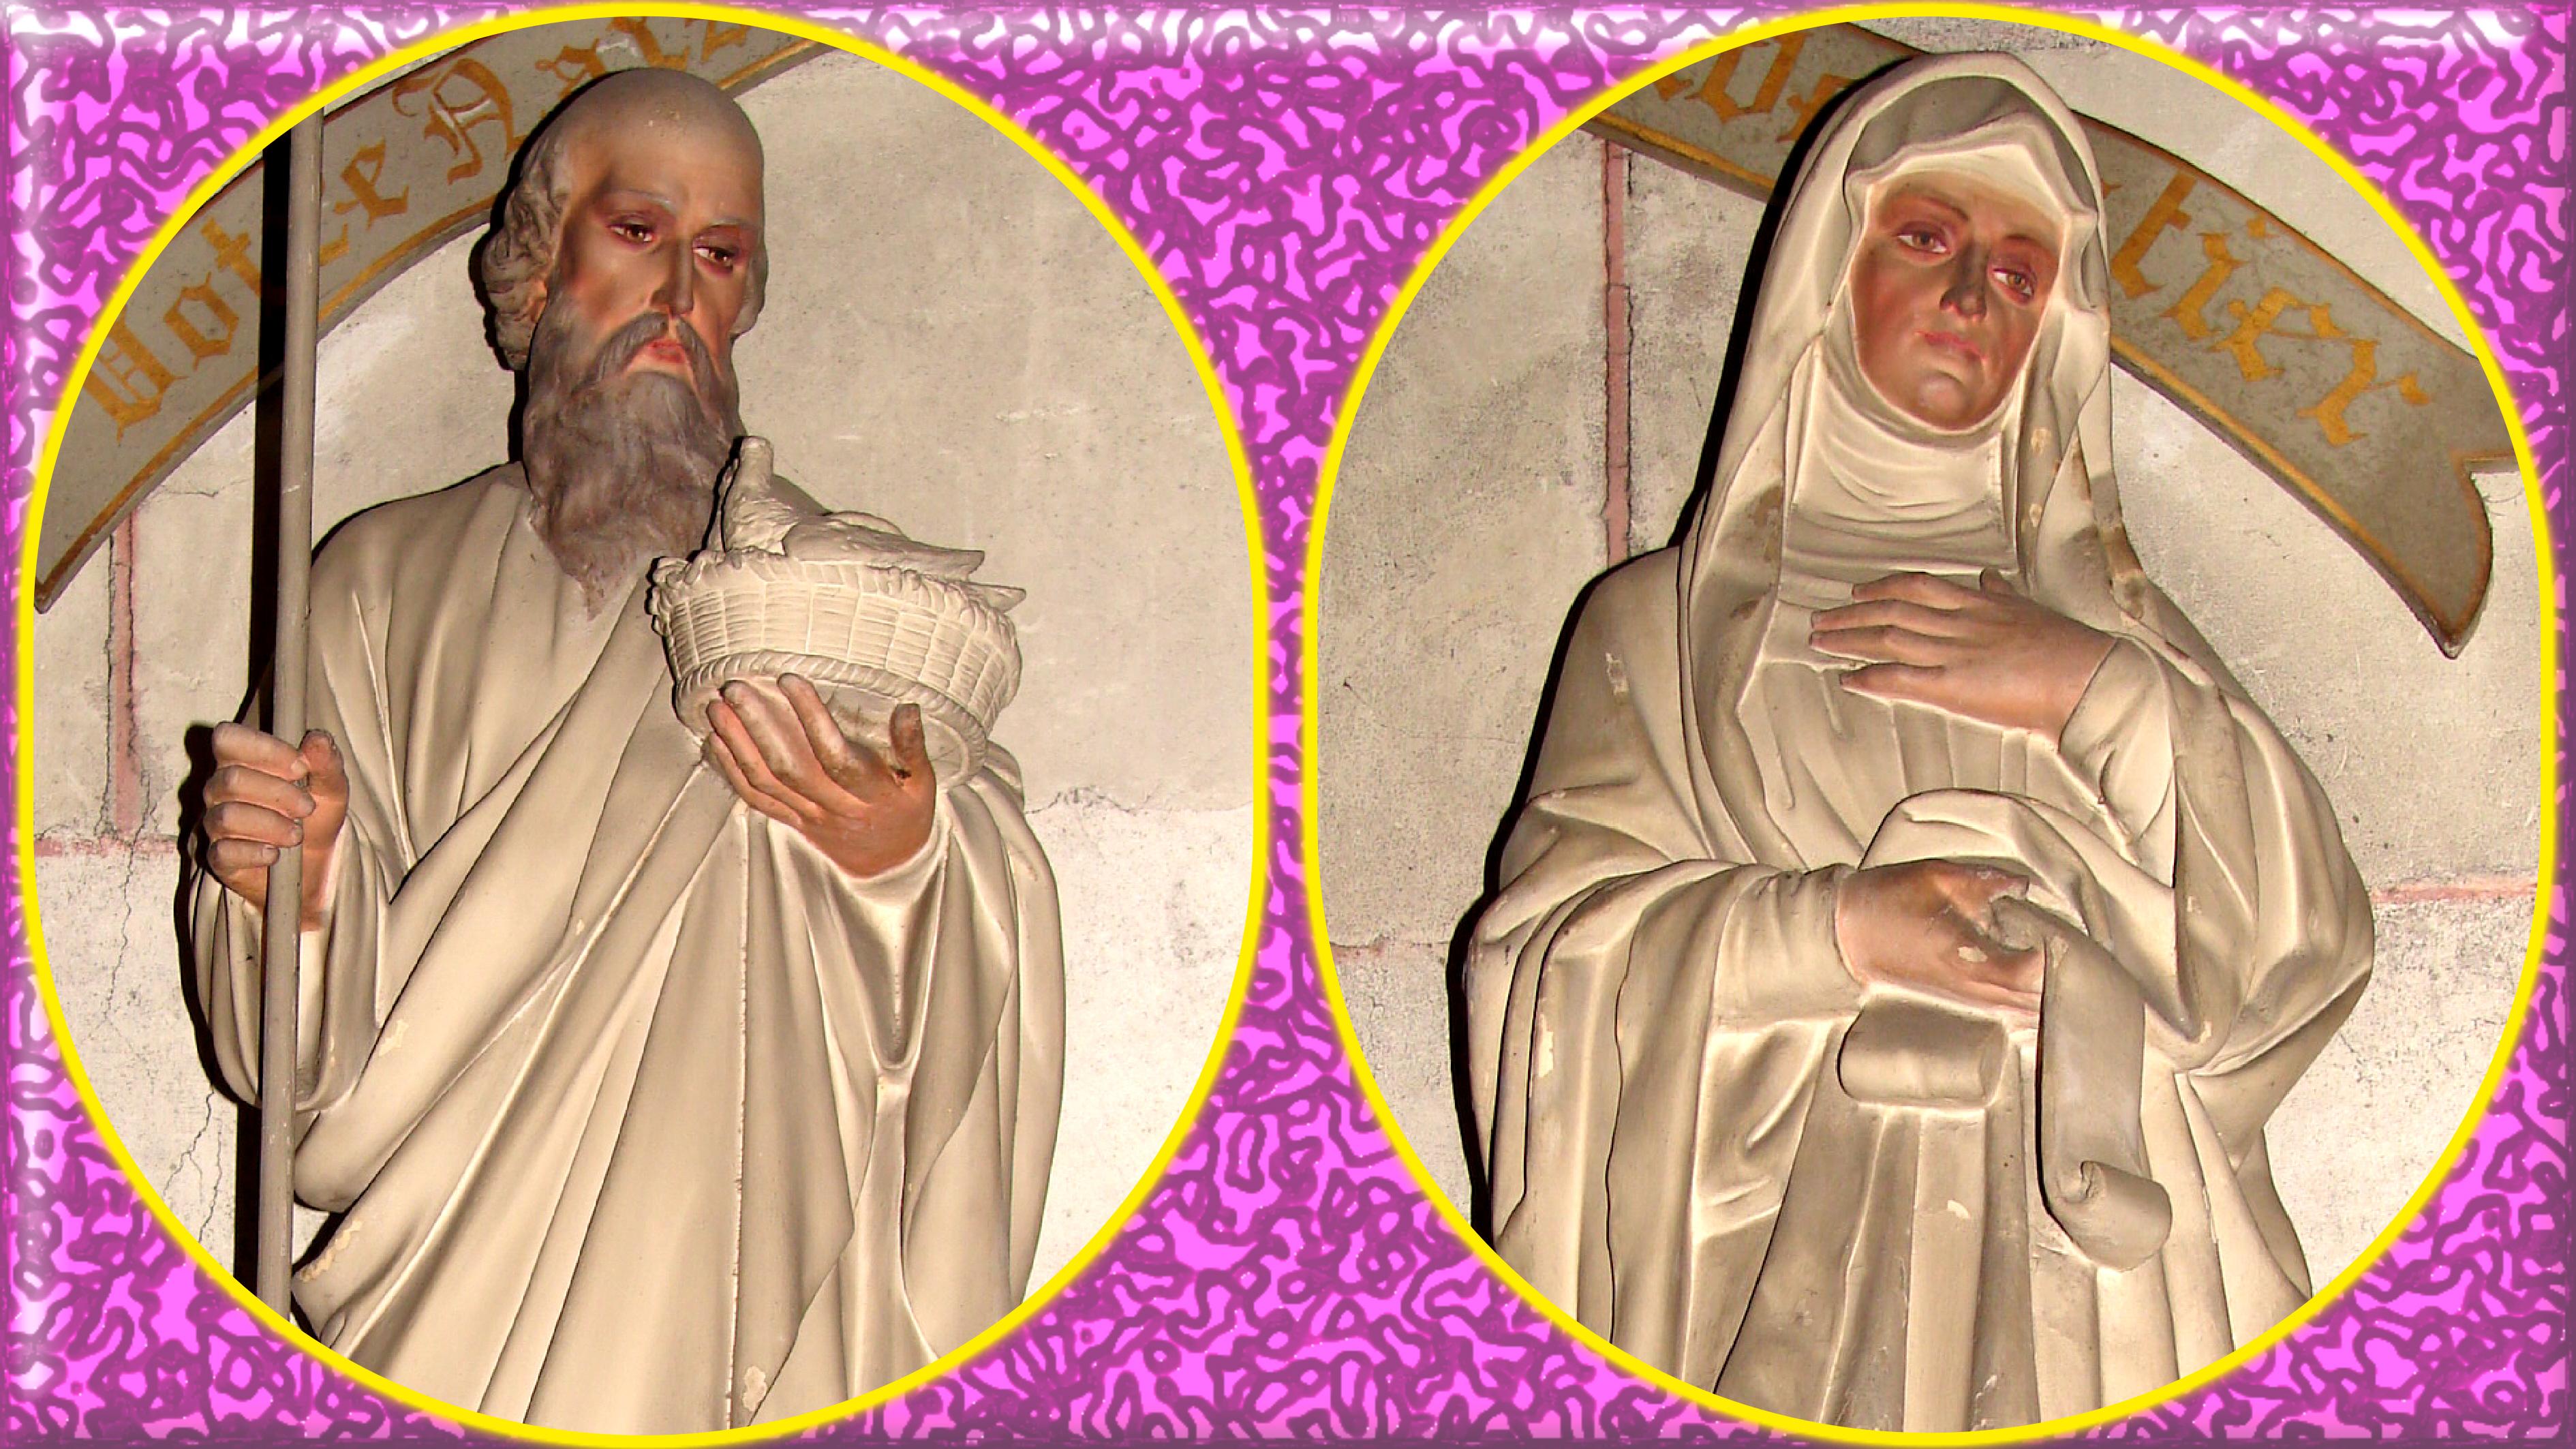 CALENDRIER CATHOLIQUE 2019 (Cantiques, Prières & Images) - Page 6 Ste-anne-st-joachim-5678874